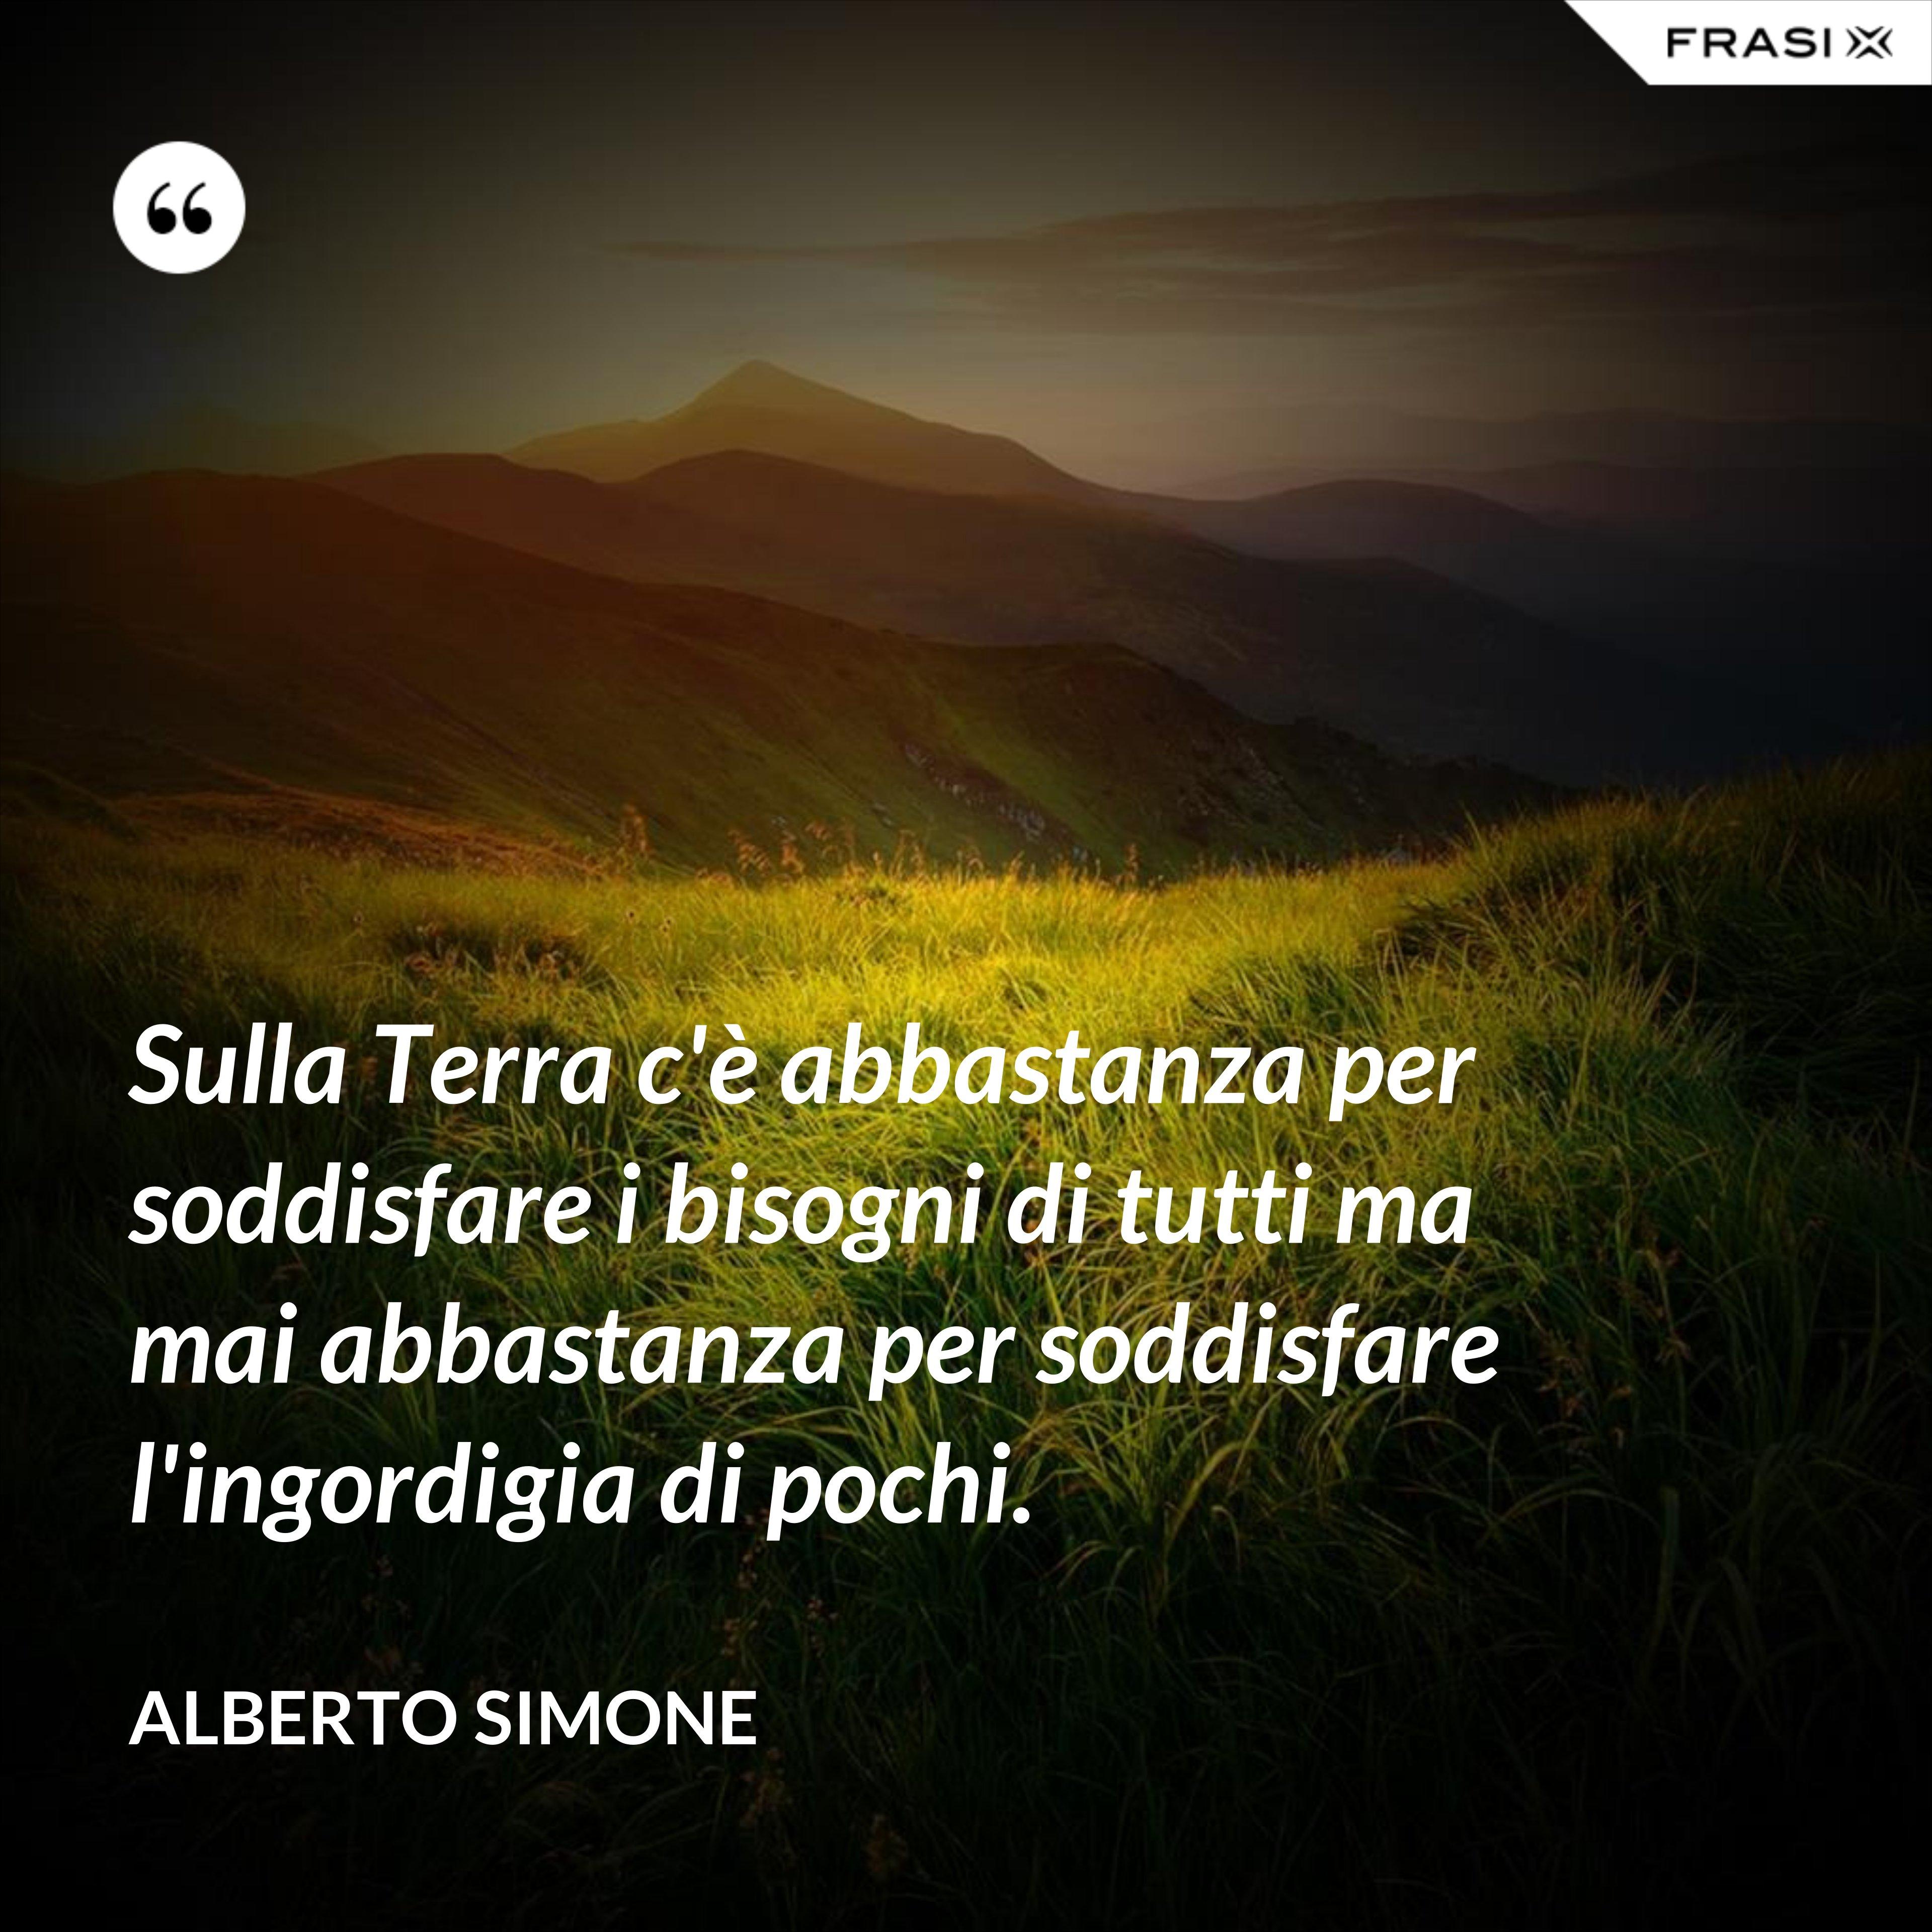 Sulla Terra c'è abbastanza per soddisfare i bisogni di tutti ma mai abbastanza per soddisfare l'ingordigia di pochi. - Alberto Simone